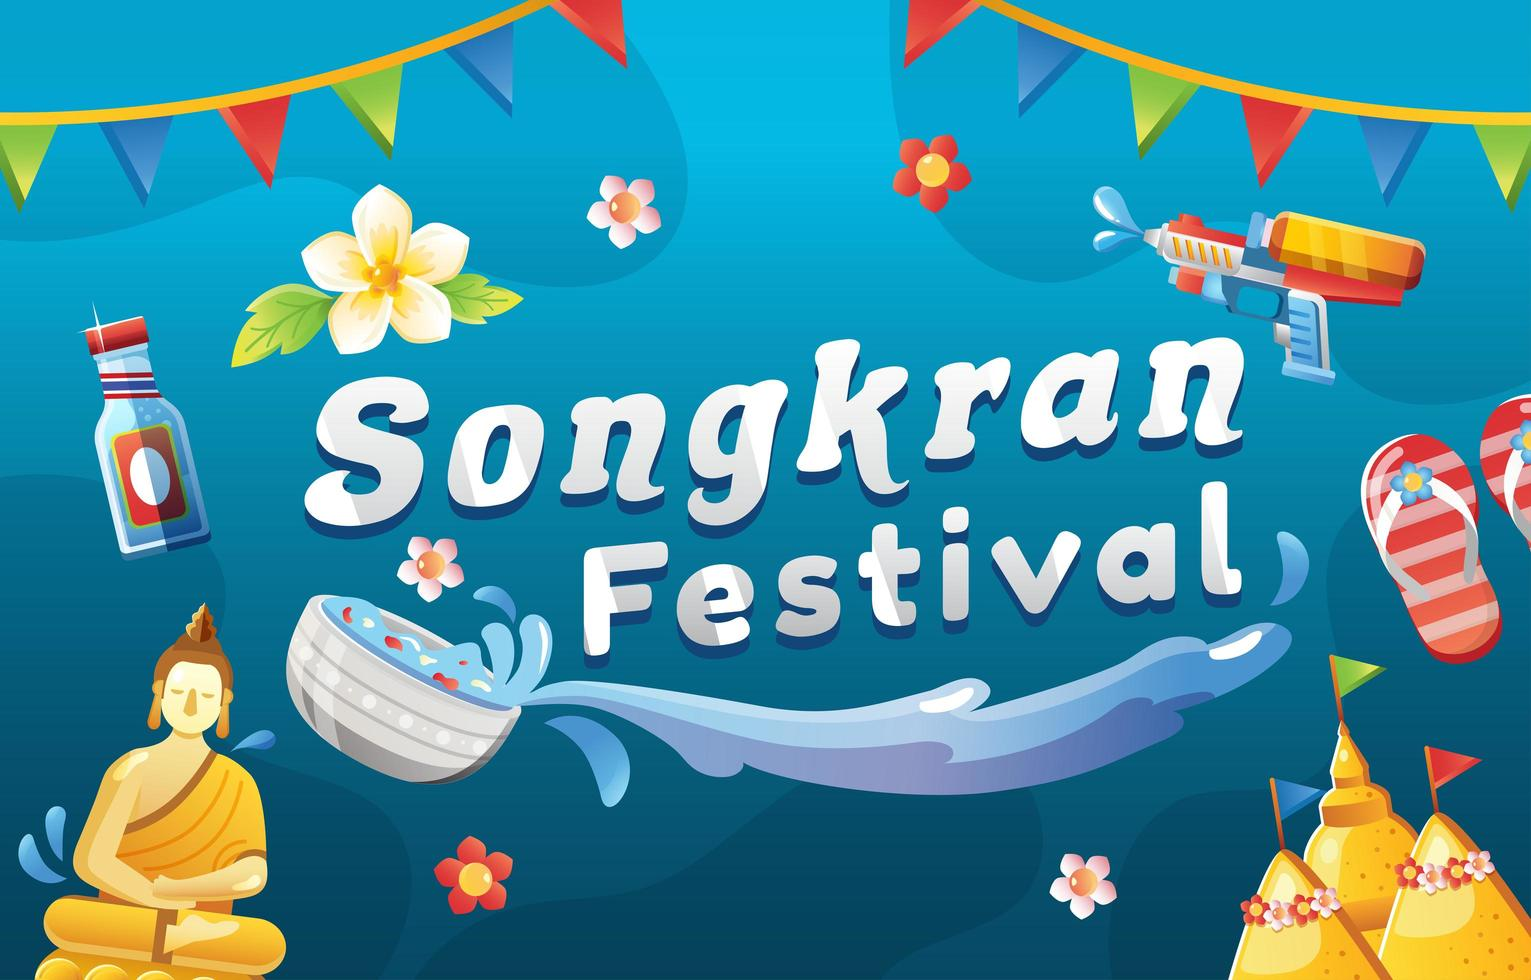 Songkran Water Splashing Festival Background vector